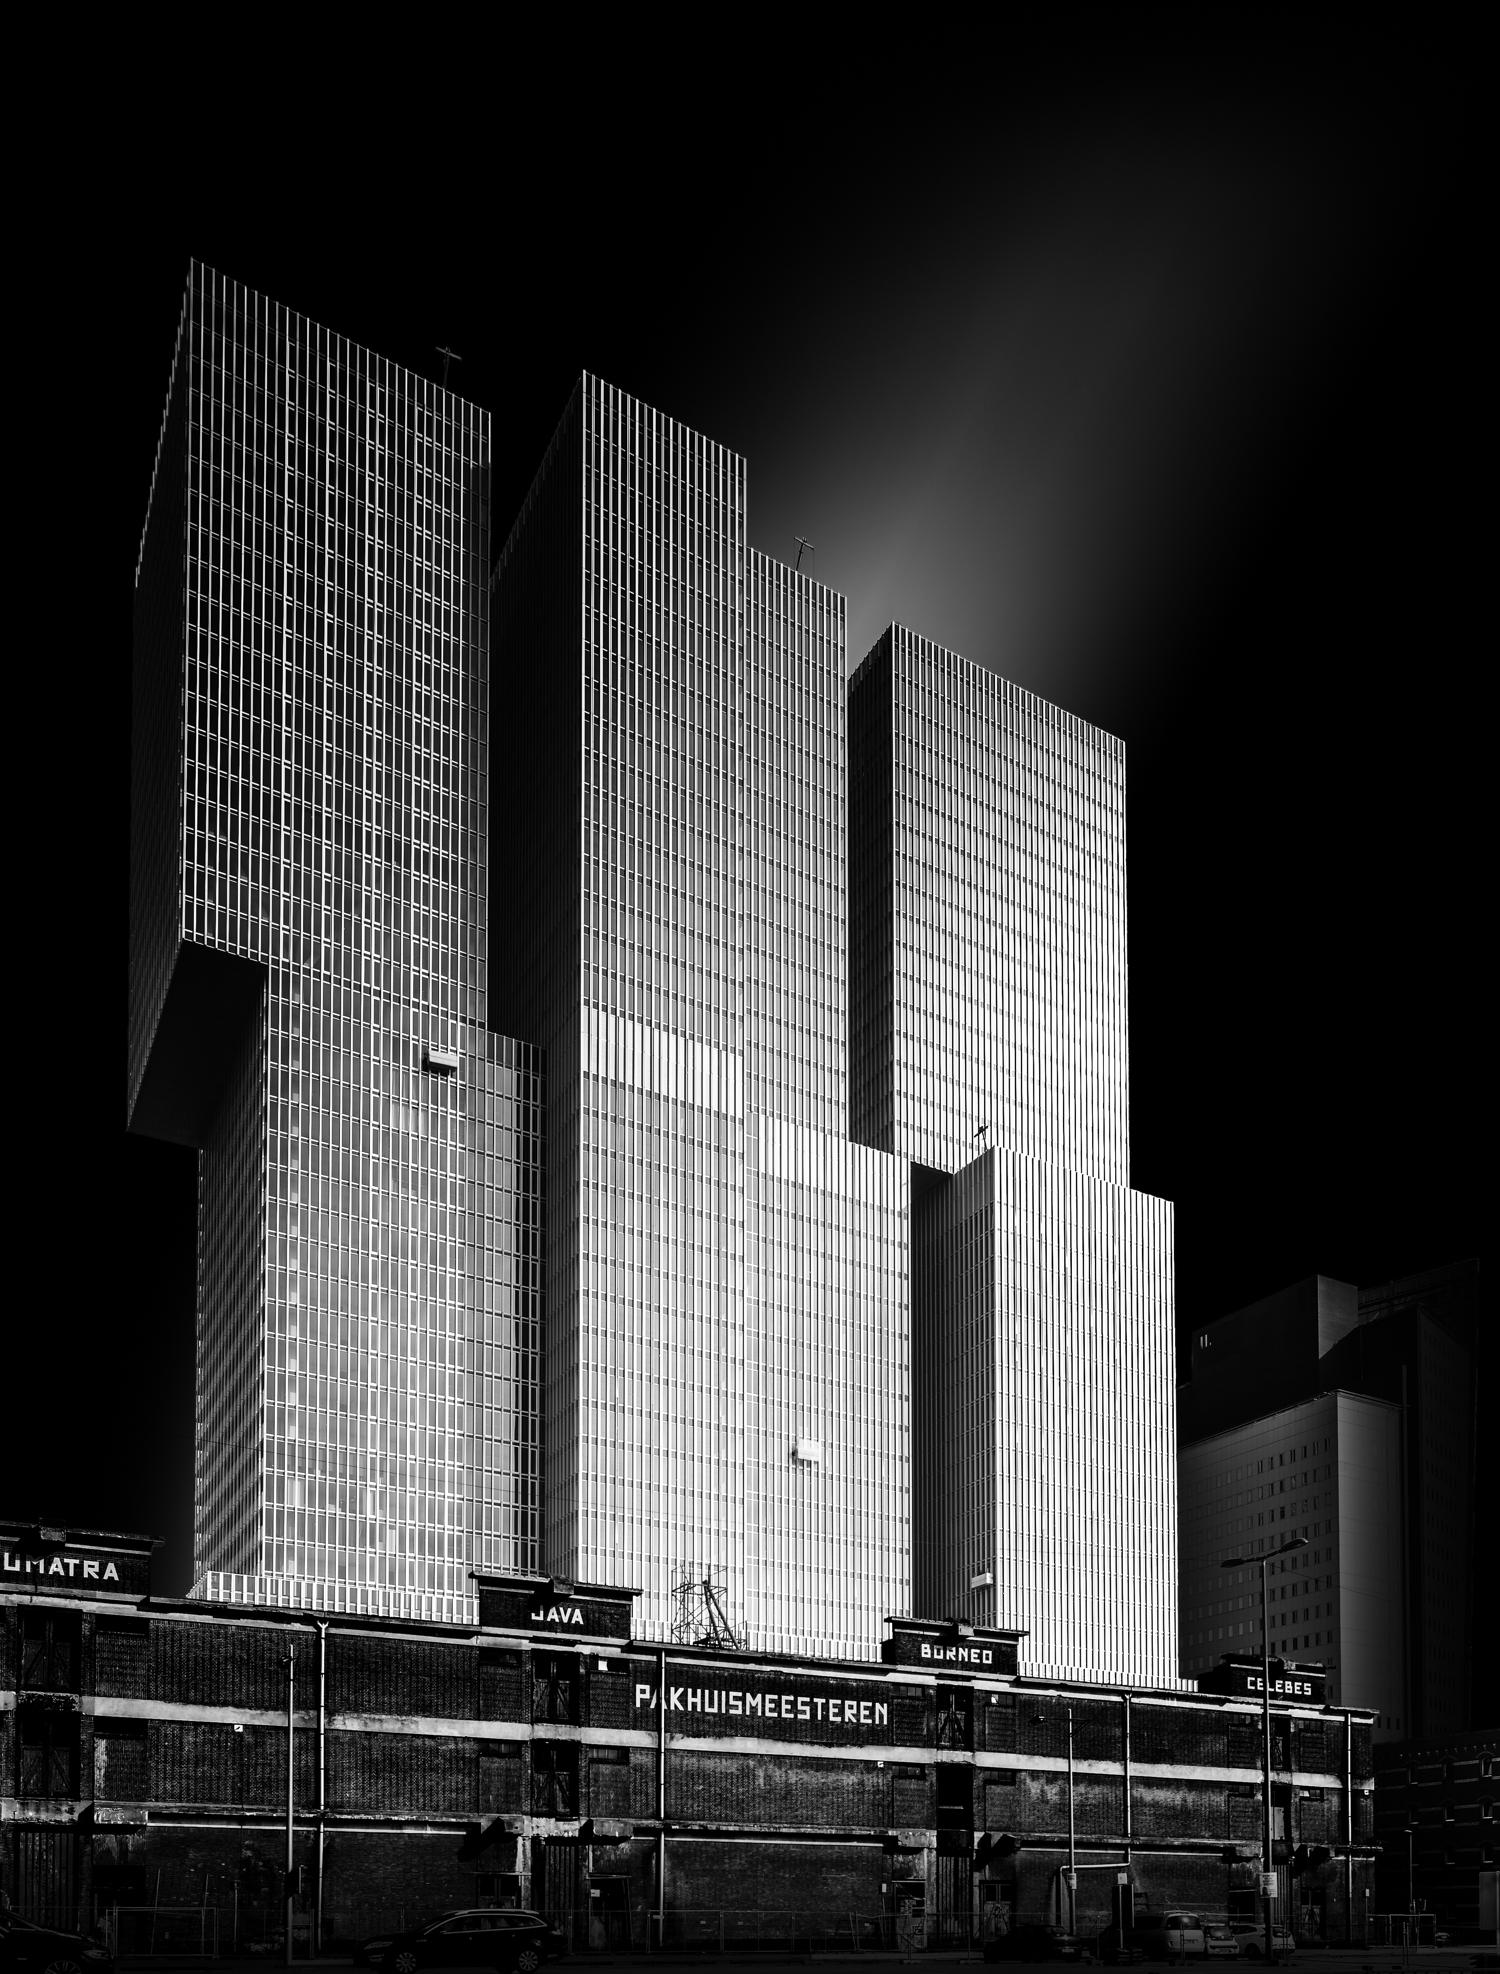 20140523-DeRotterdam-Frank van Haalen-052014.jpg